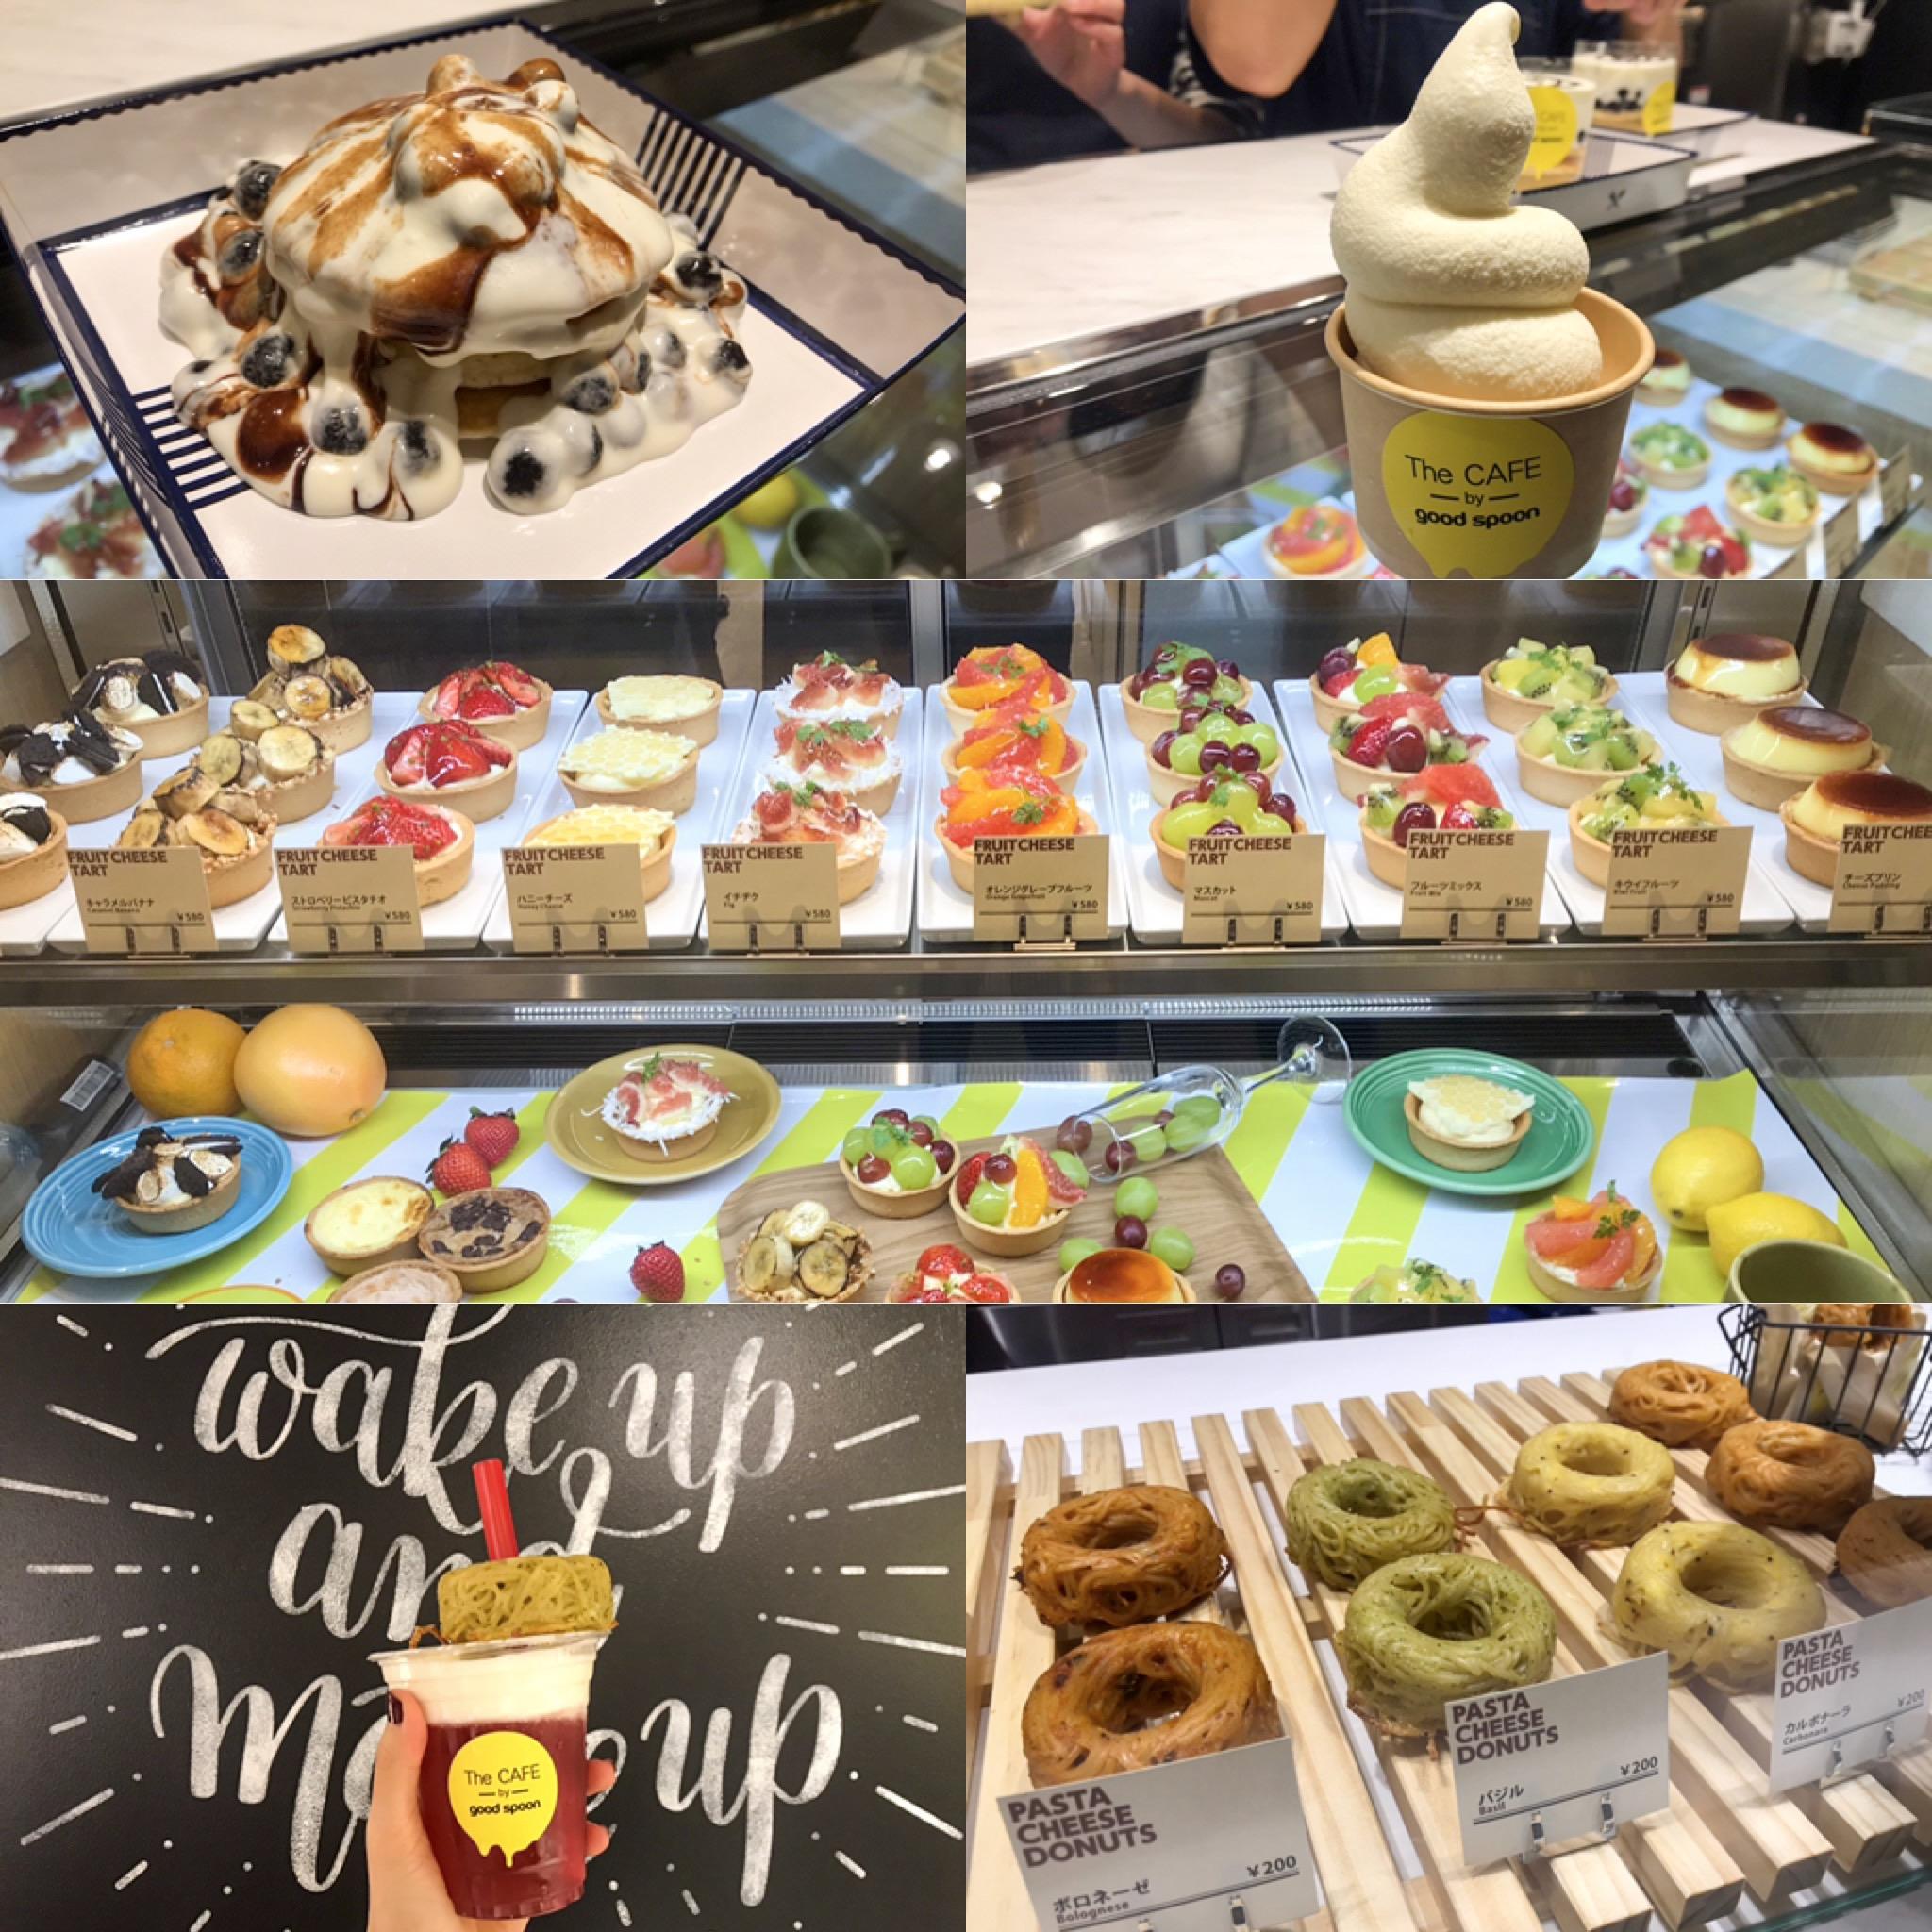 みなとみらい新スポット『横浜ハンマーヘッド』がオープン! おしゃれカフェ、お土産におすすめなグルメショップ5選_20